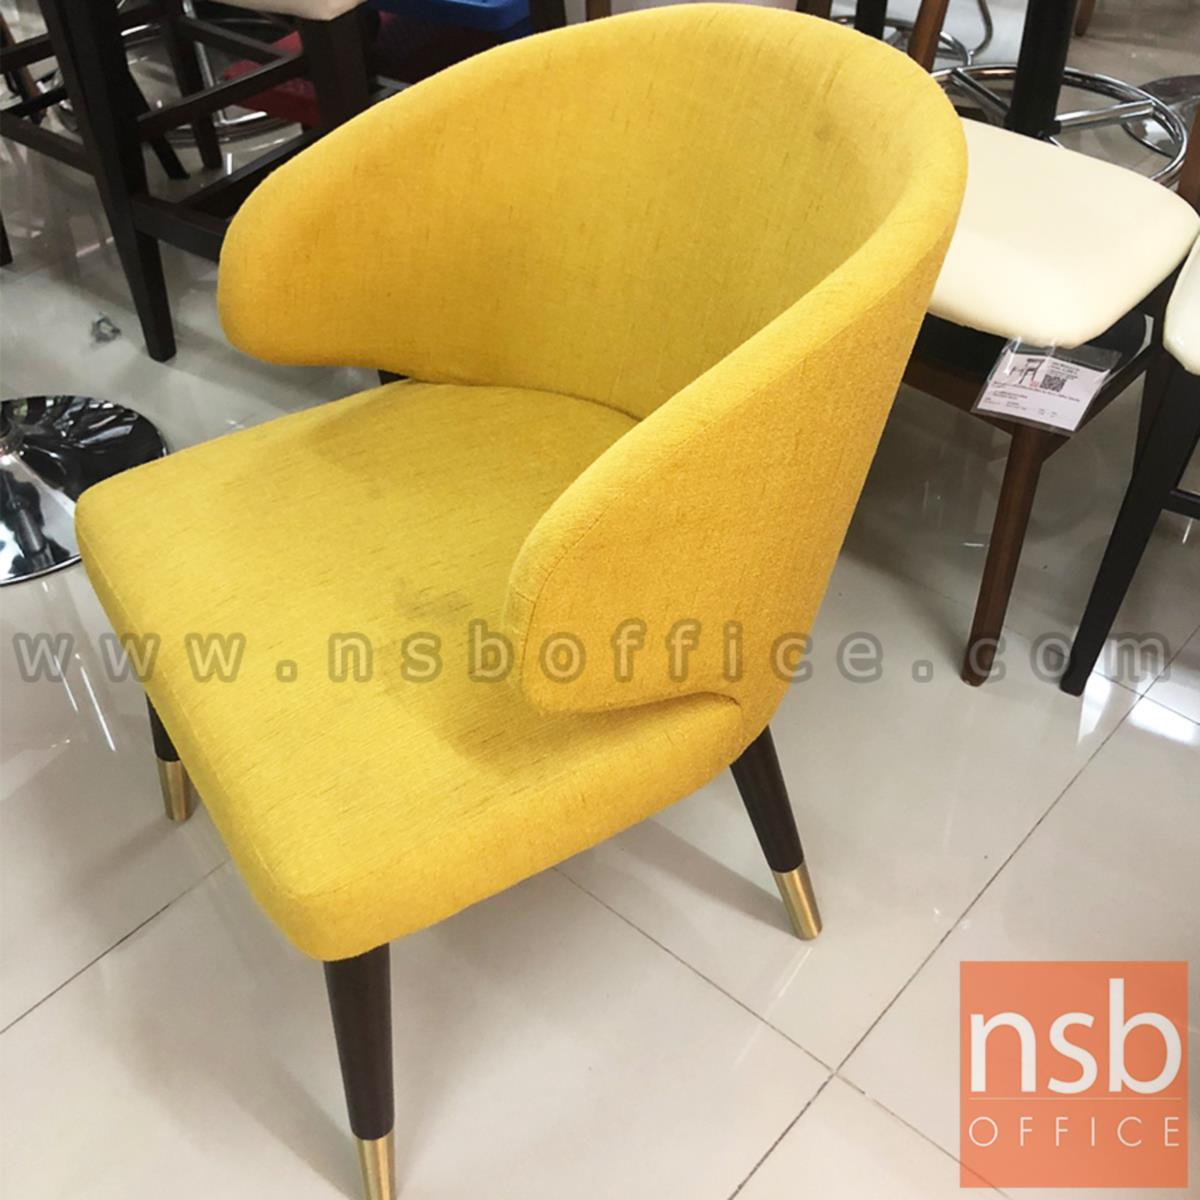 เก้าอี้โมเดิร์นหุ้มผ้า รุ่น Coldplay (โคลเพลย์)  โครงขาเหล็ก